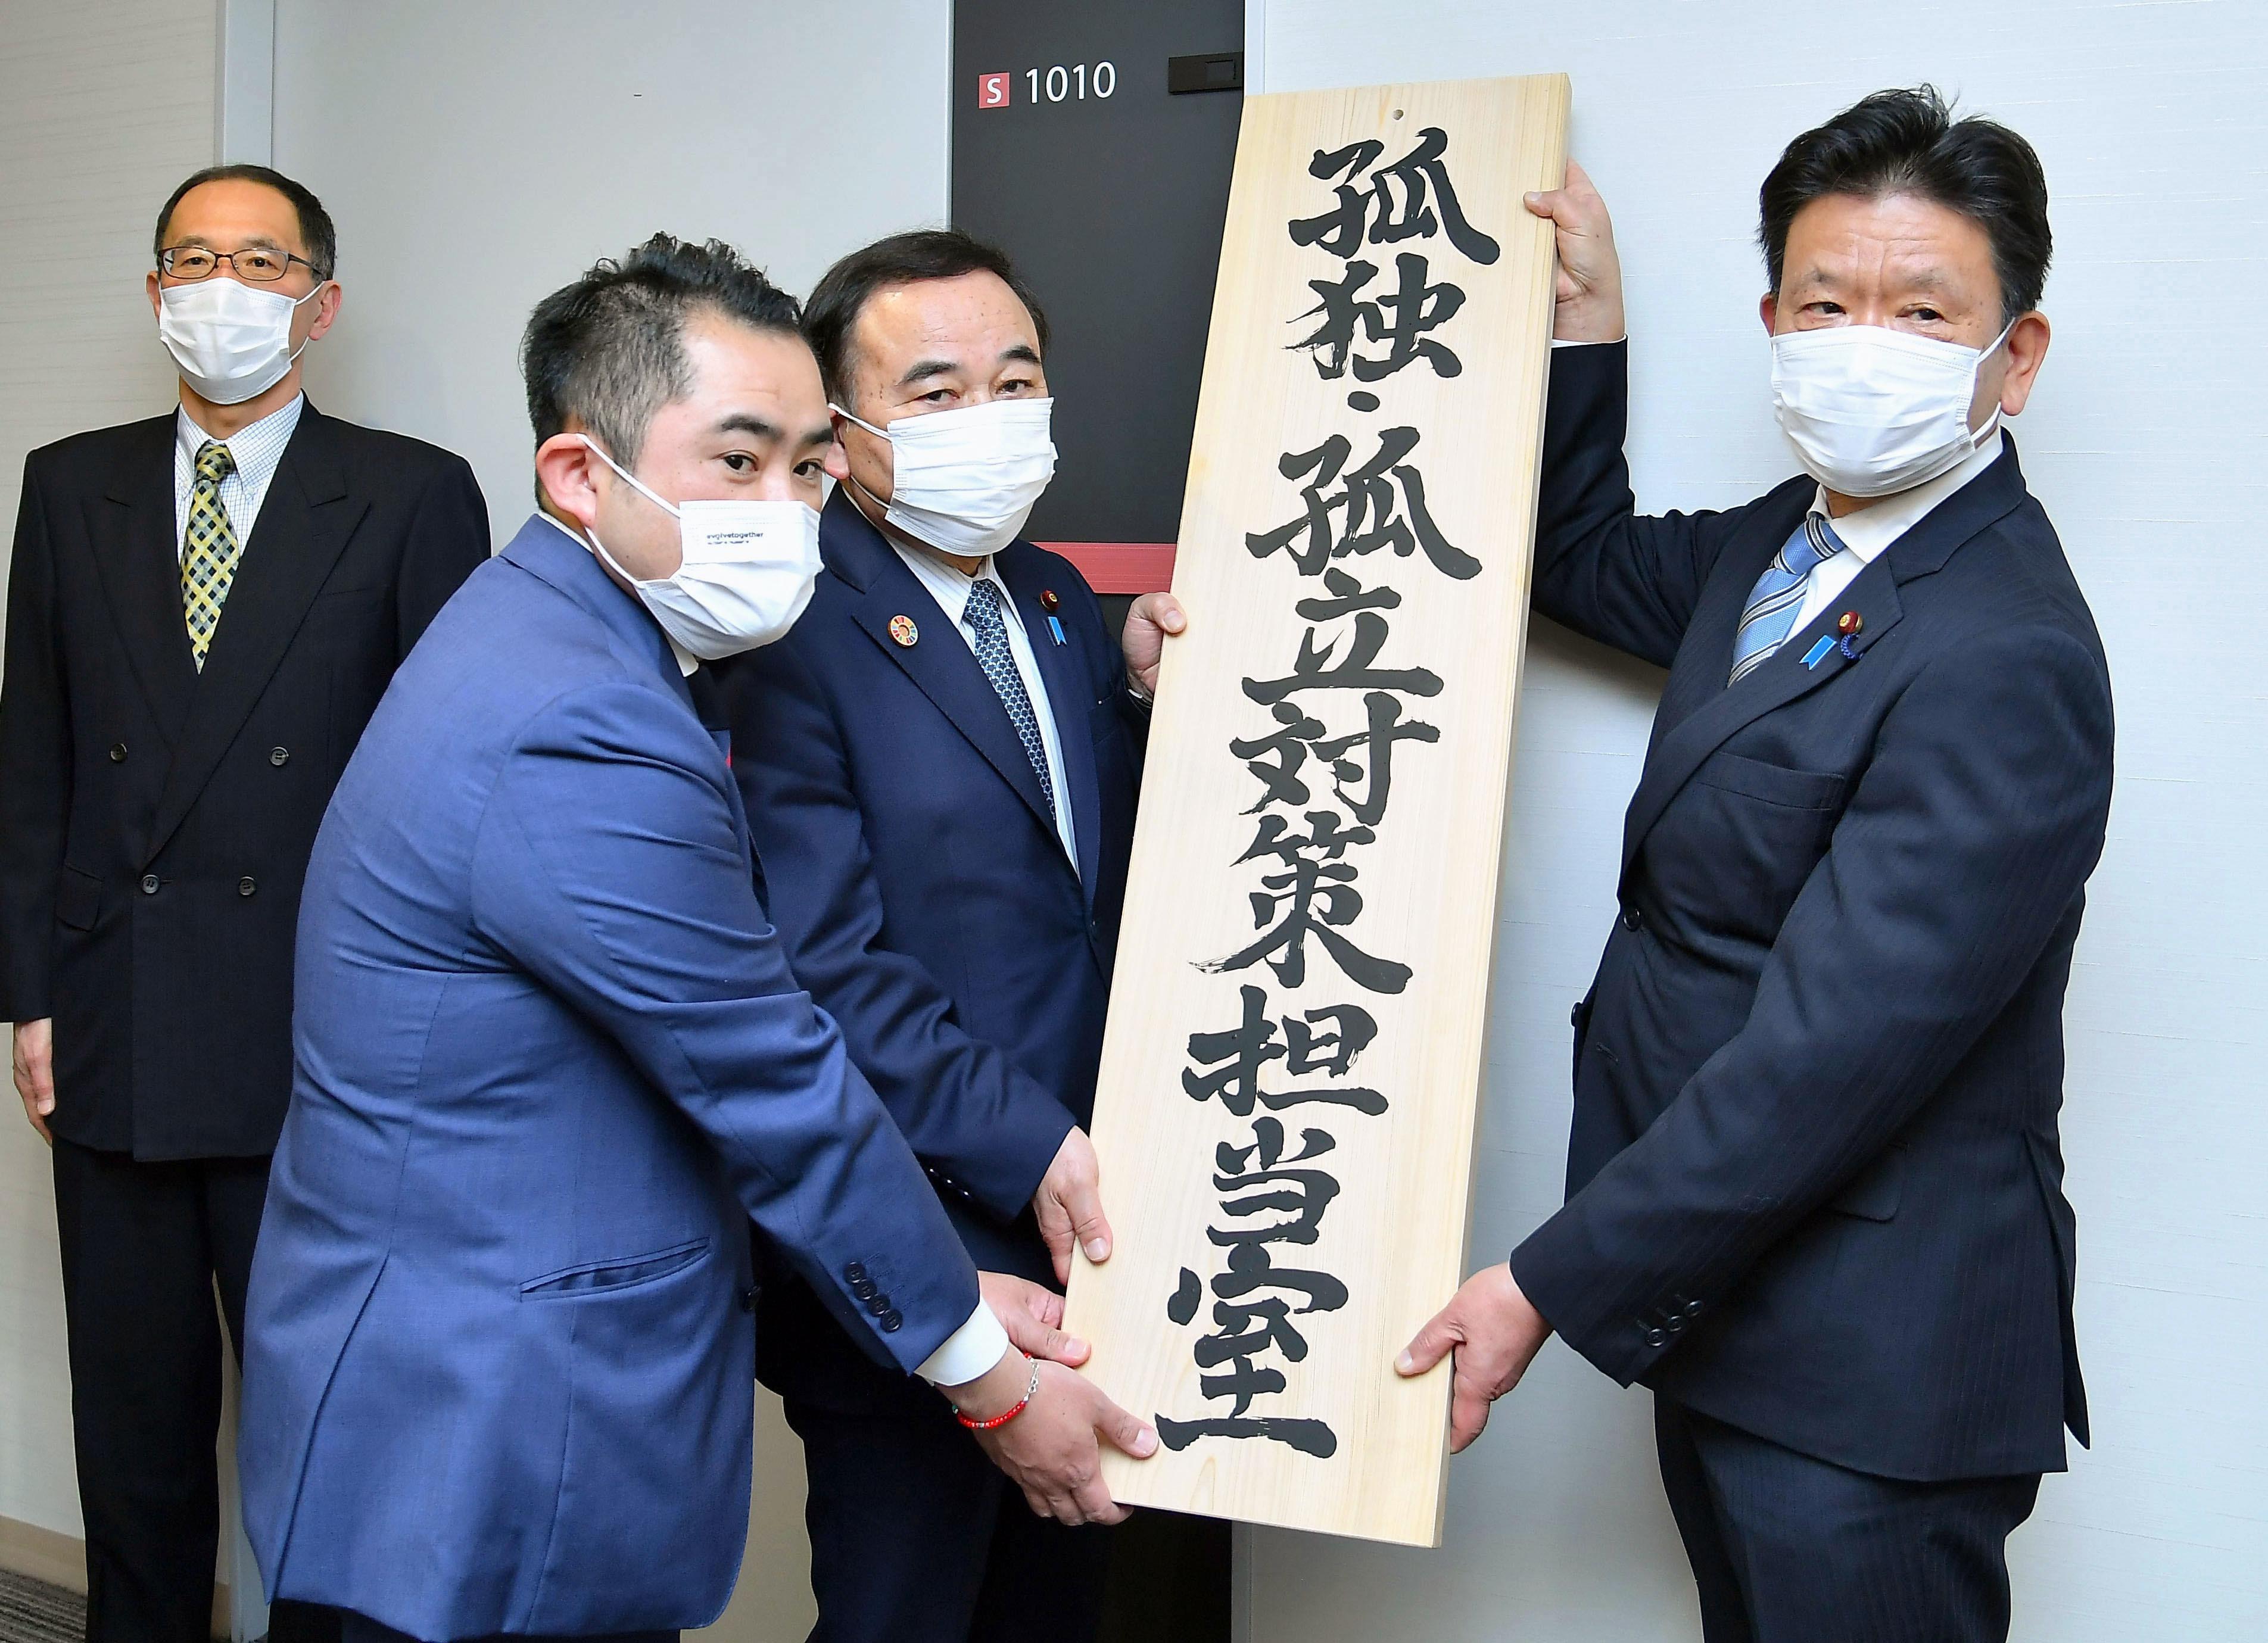 内閣官房に新設された「孤独・孤立対策担当室」=2月、東京都千代田区